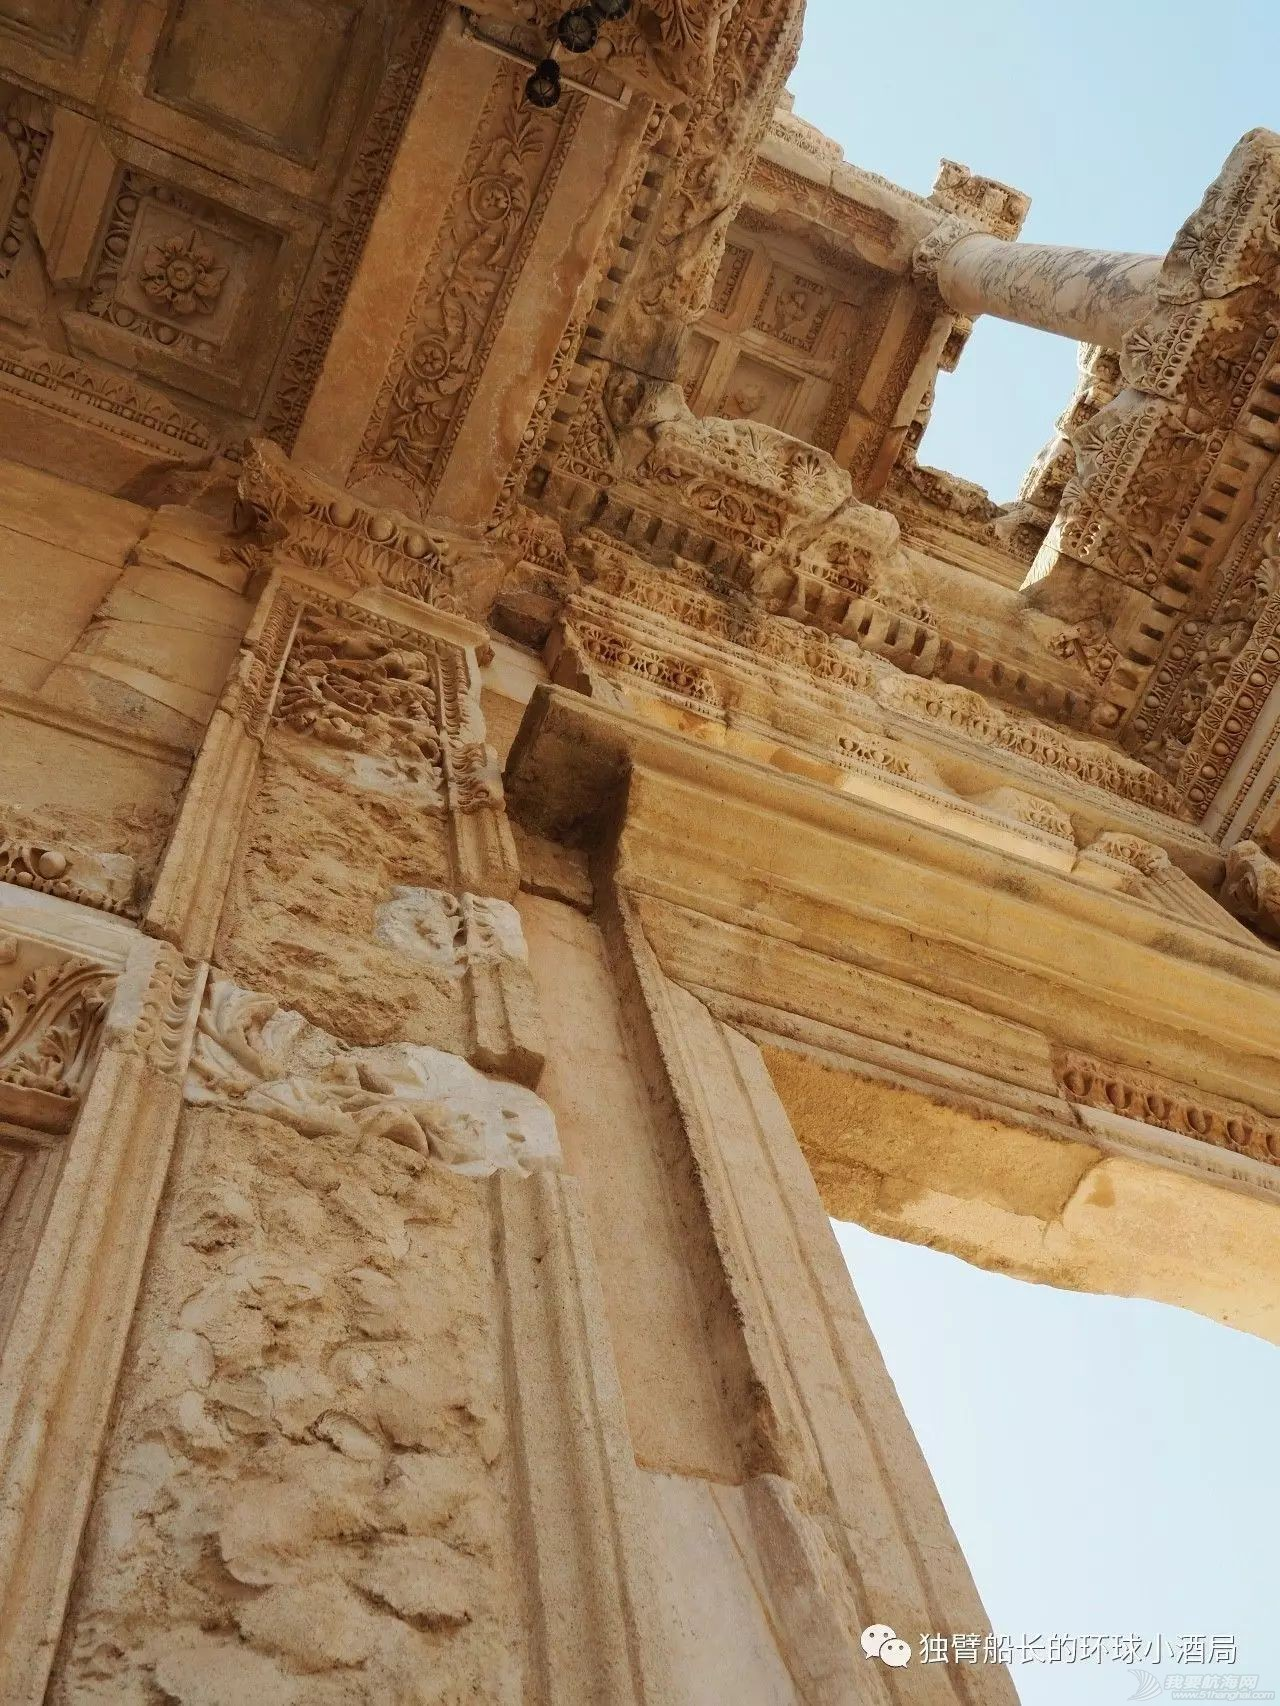 土耳其:挨了一刀的少年,被抬上王座,一群美女围着他跳了三天三夜w11.jpg